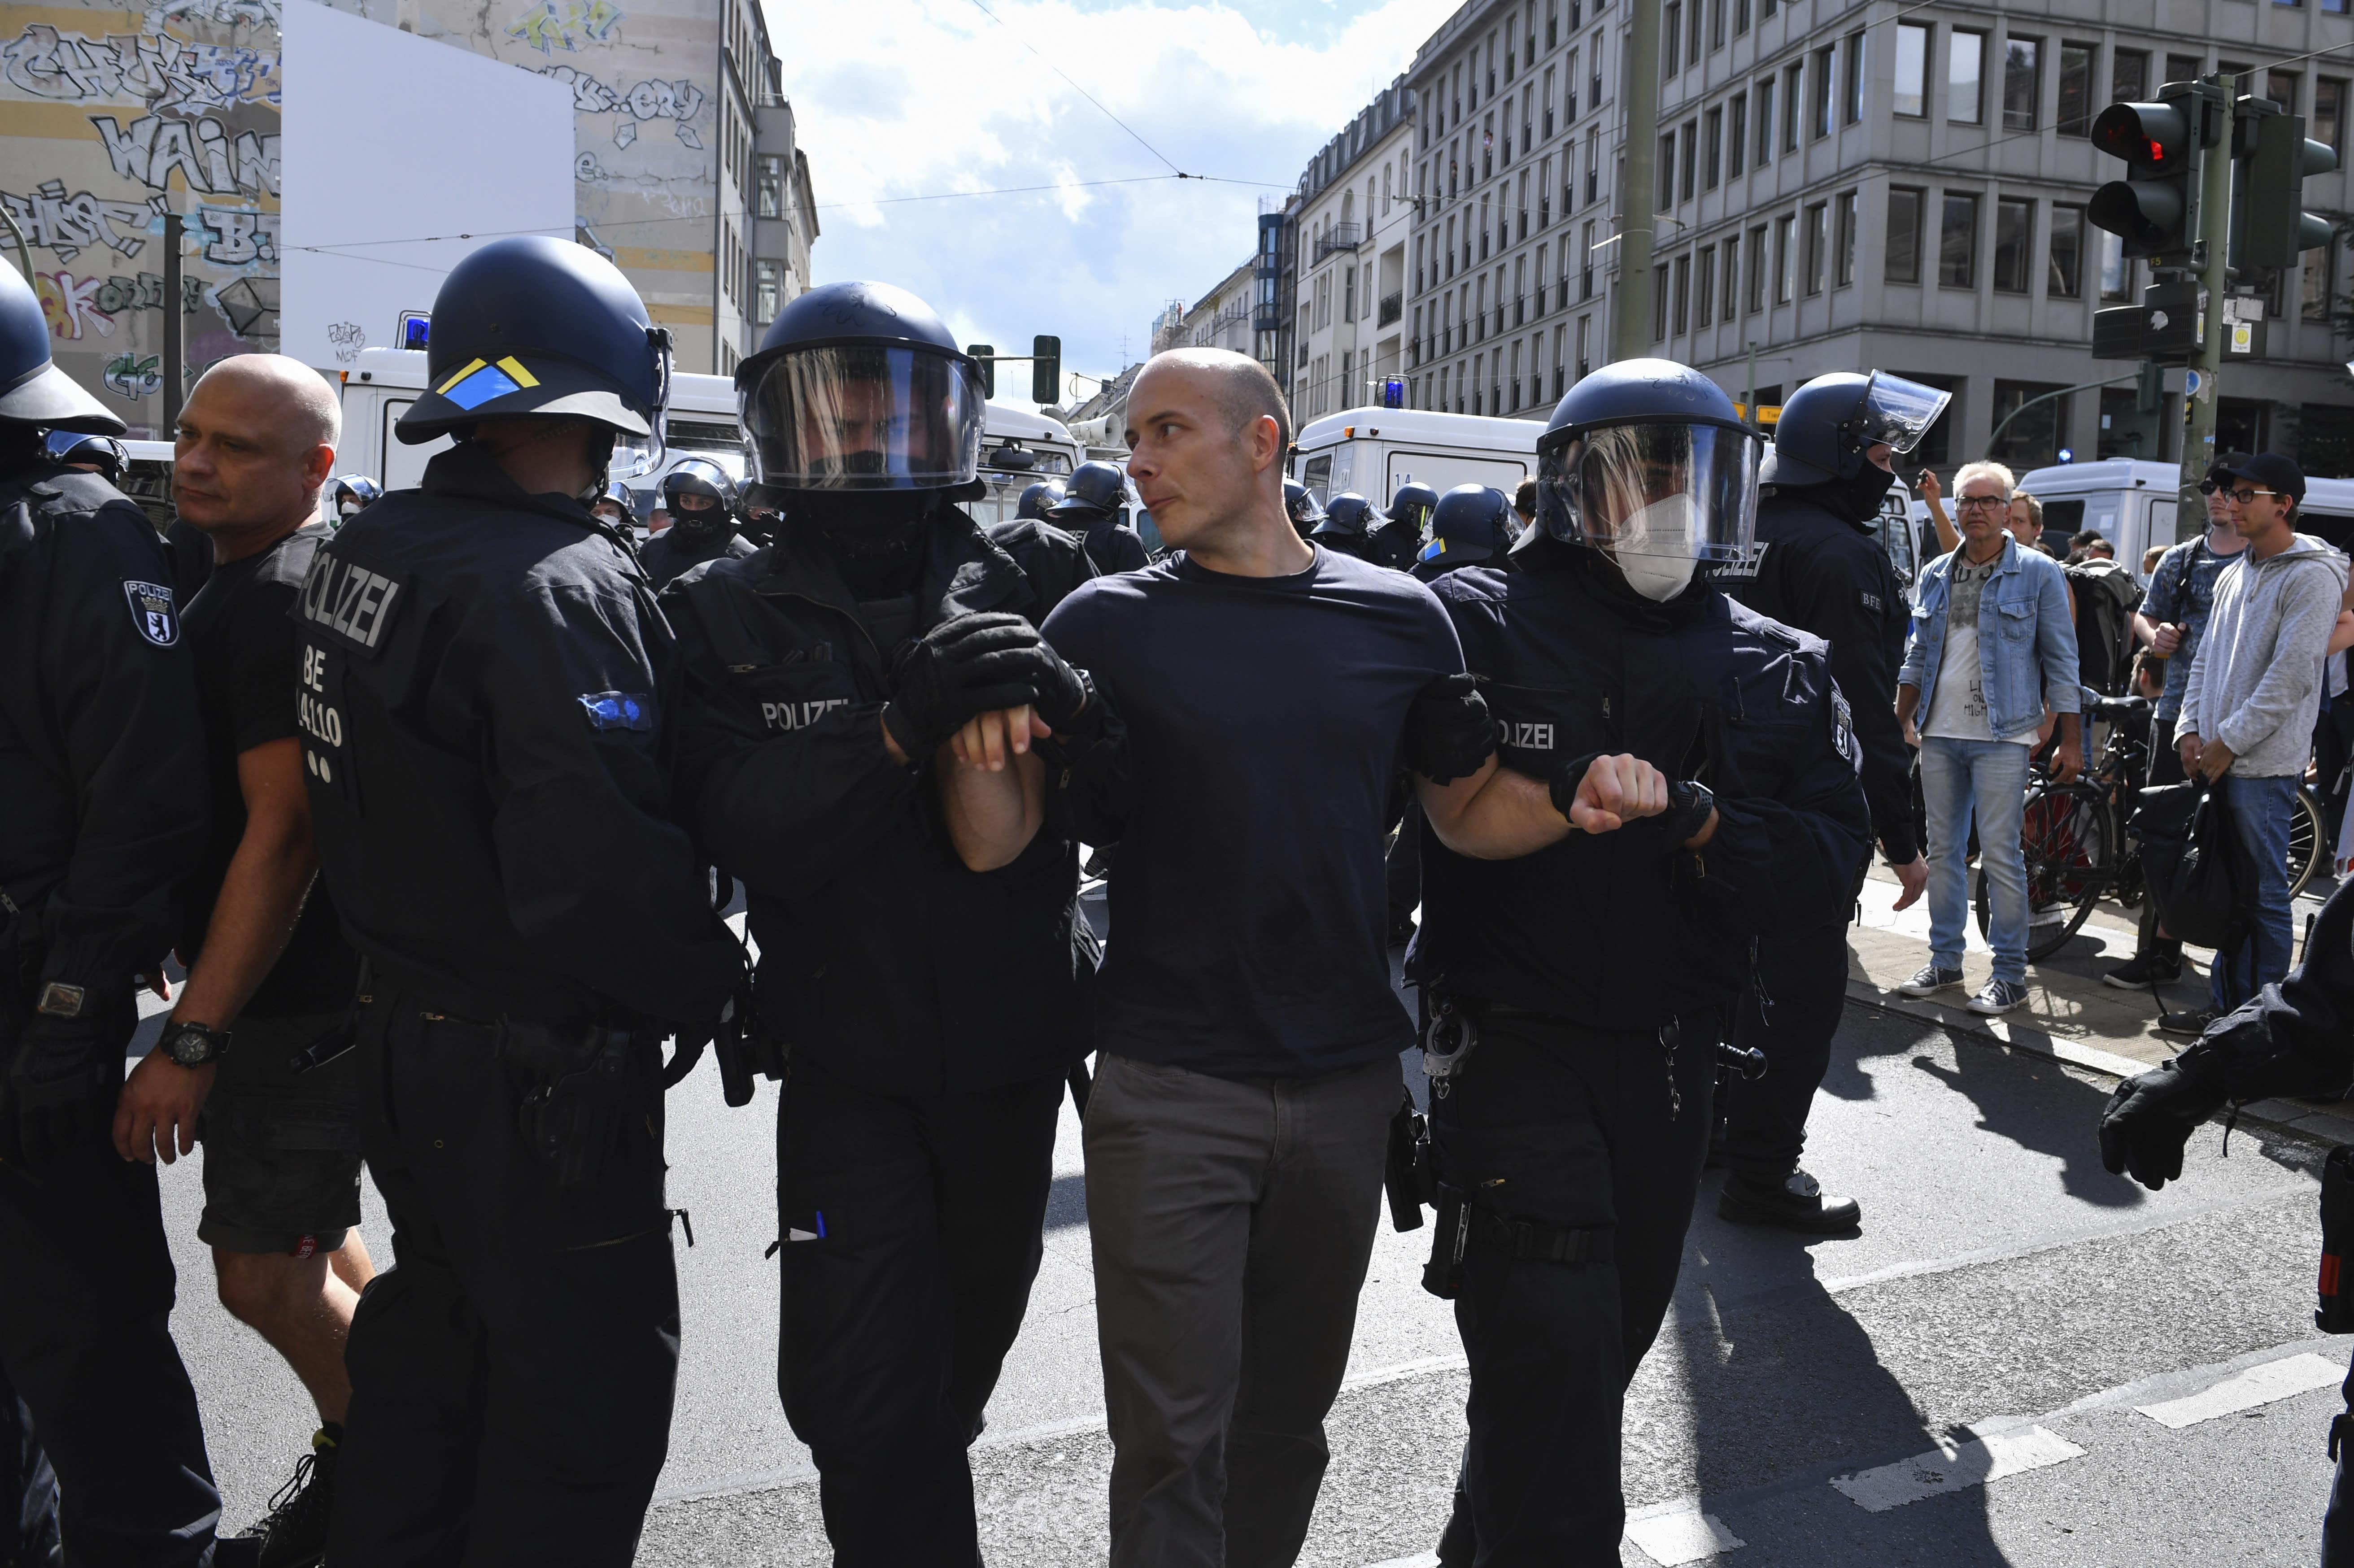 Polizei räumt eine Straße während einer Demonstration gegen die Corona-Maßnahmen in Berlin, Deutschland, Samstag, 29. August 2020. (Bernd Von Jutrczenka / dpa via AP)